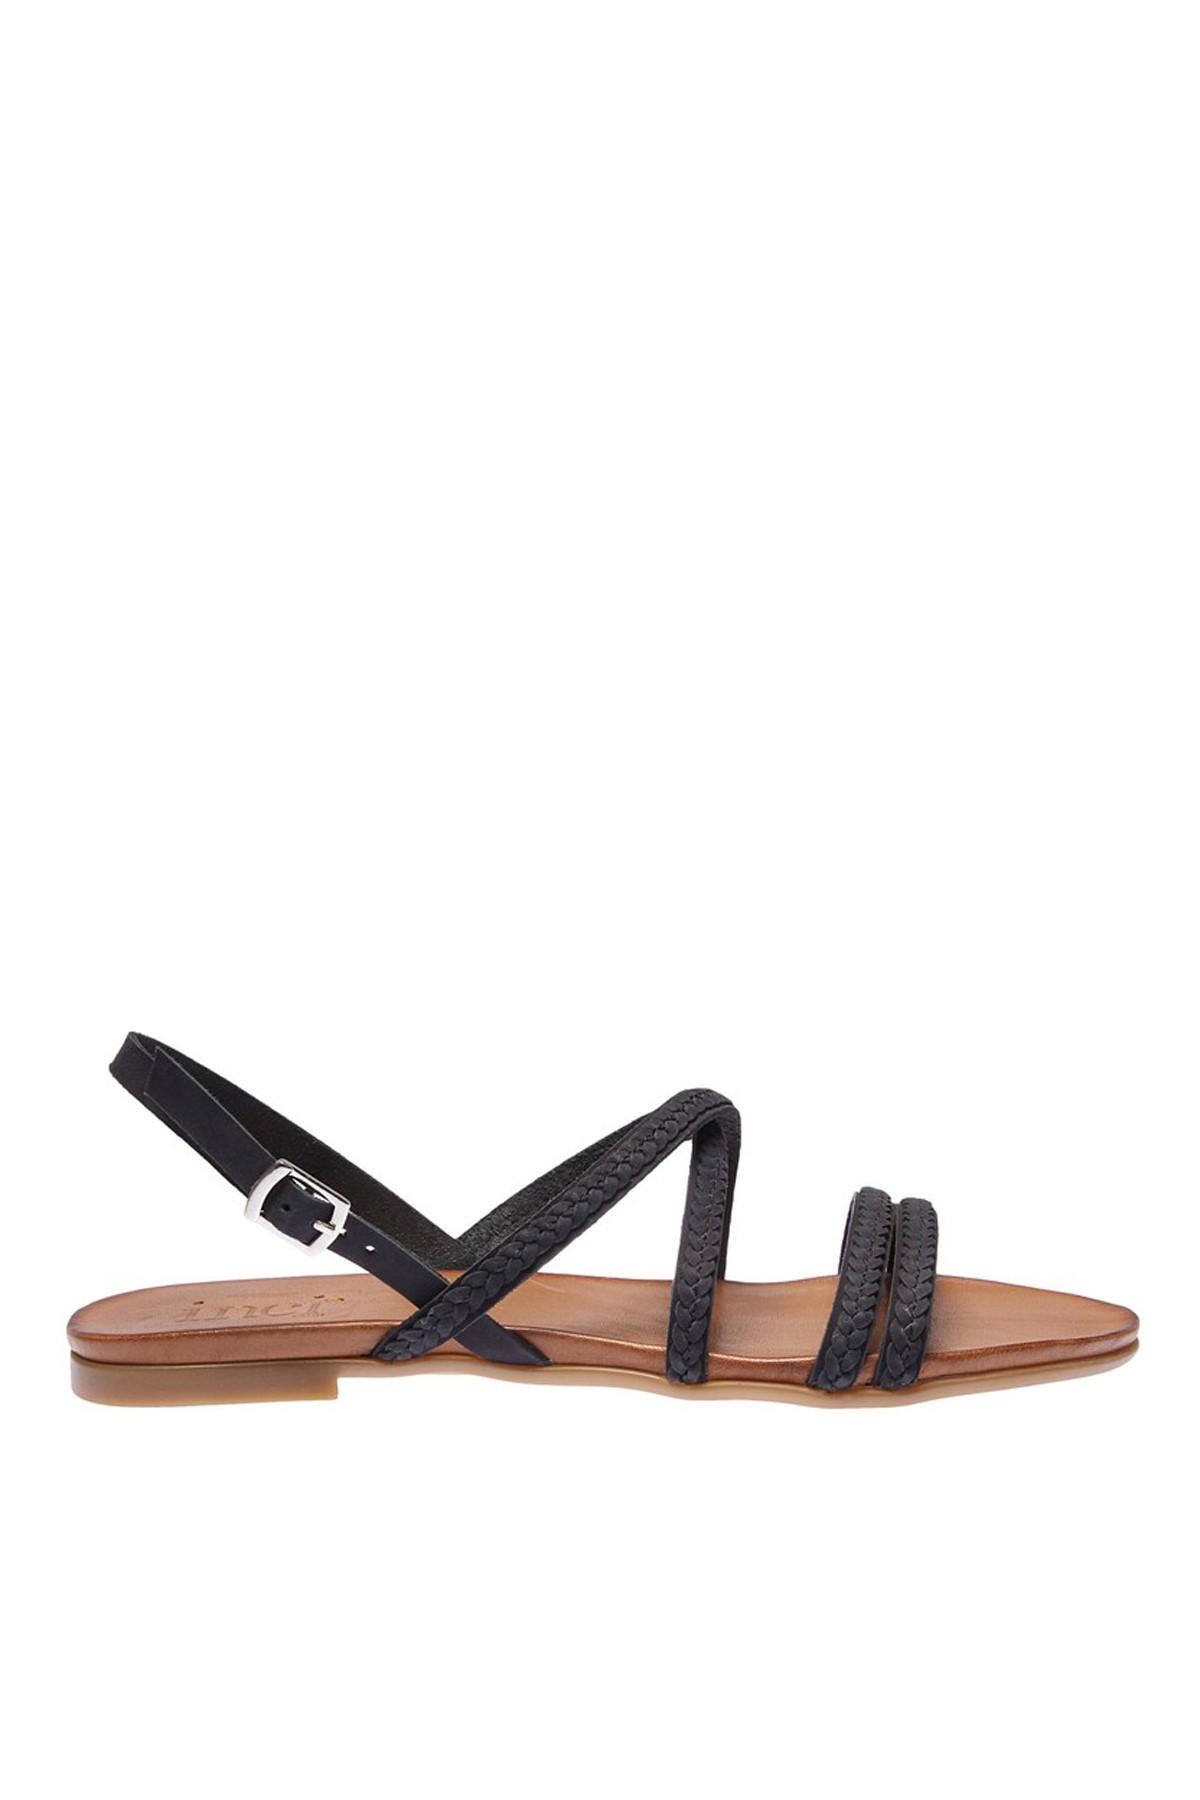 İnci Hakiki Deri Siyah Kadın Sandalet 120120077038 2